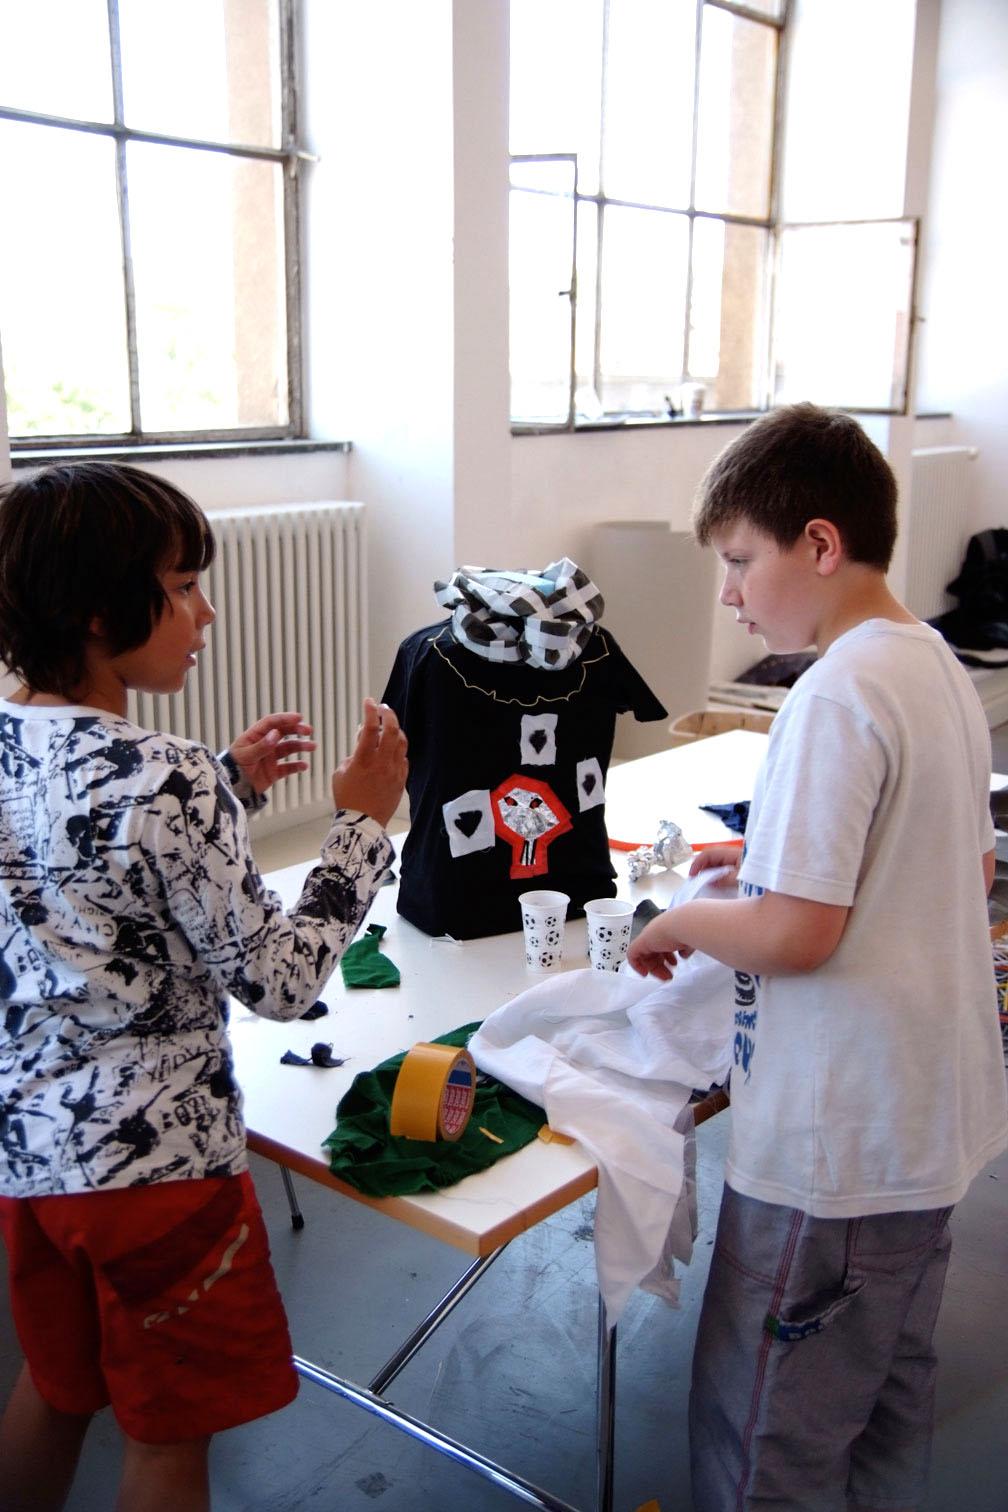 gerrit_schweiger-Rummel-2030-Zukunft-Kinder-Kreativität-Mode-Workshop-Modenschau-Ausstellung-09